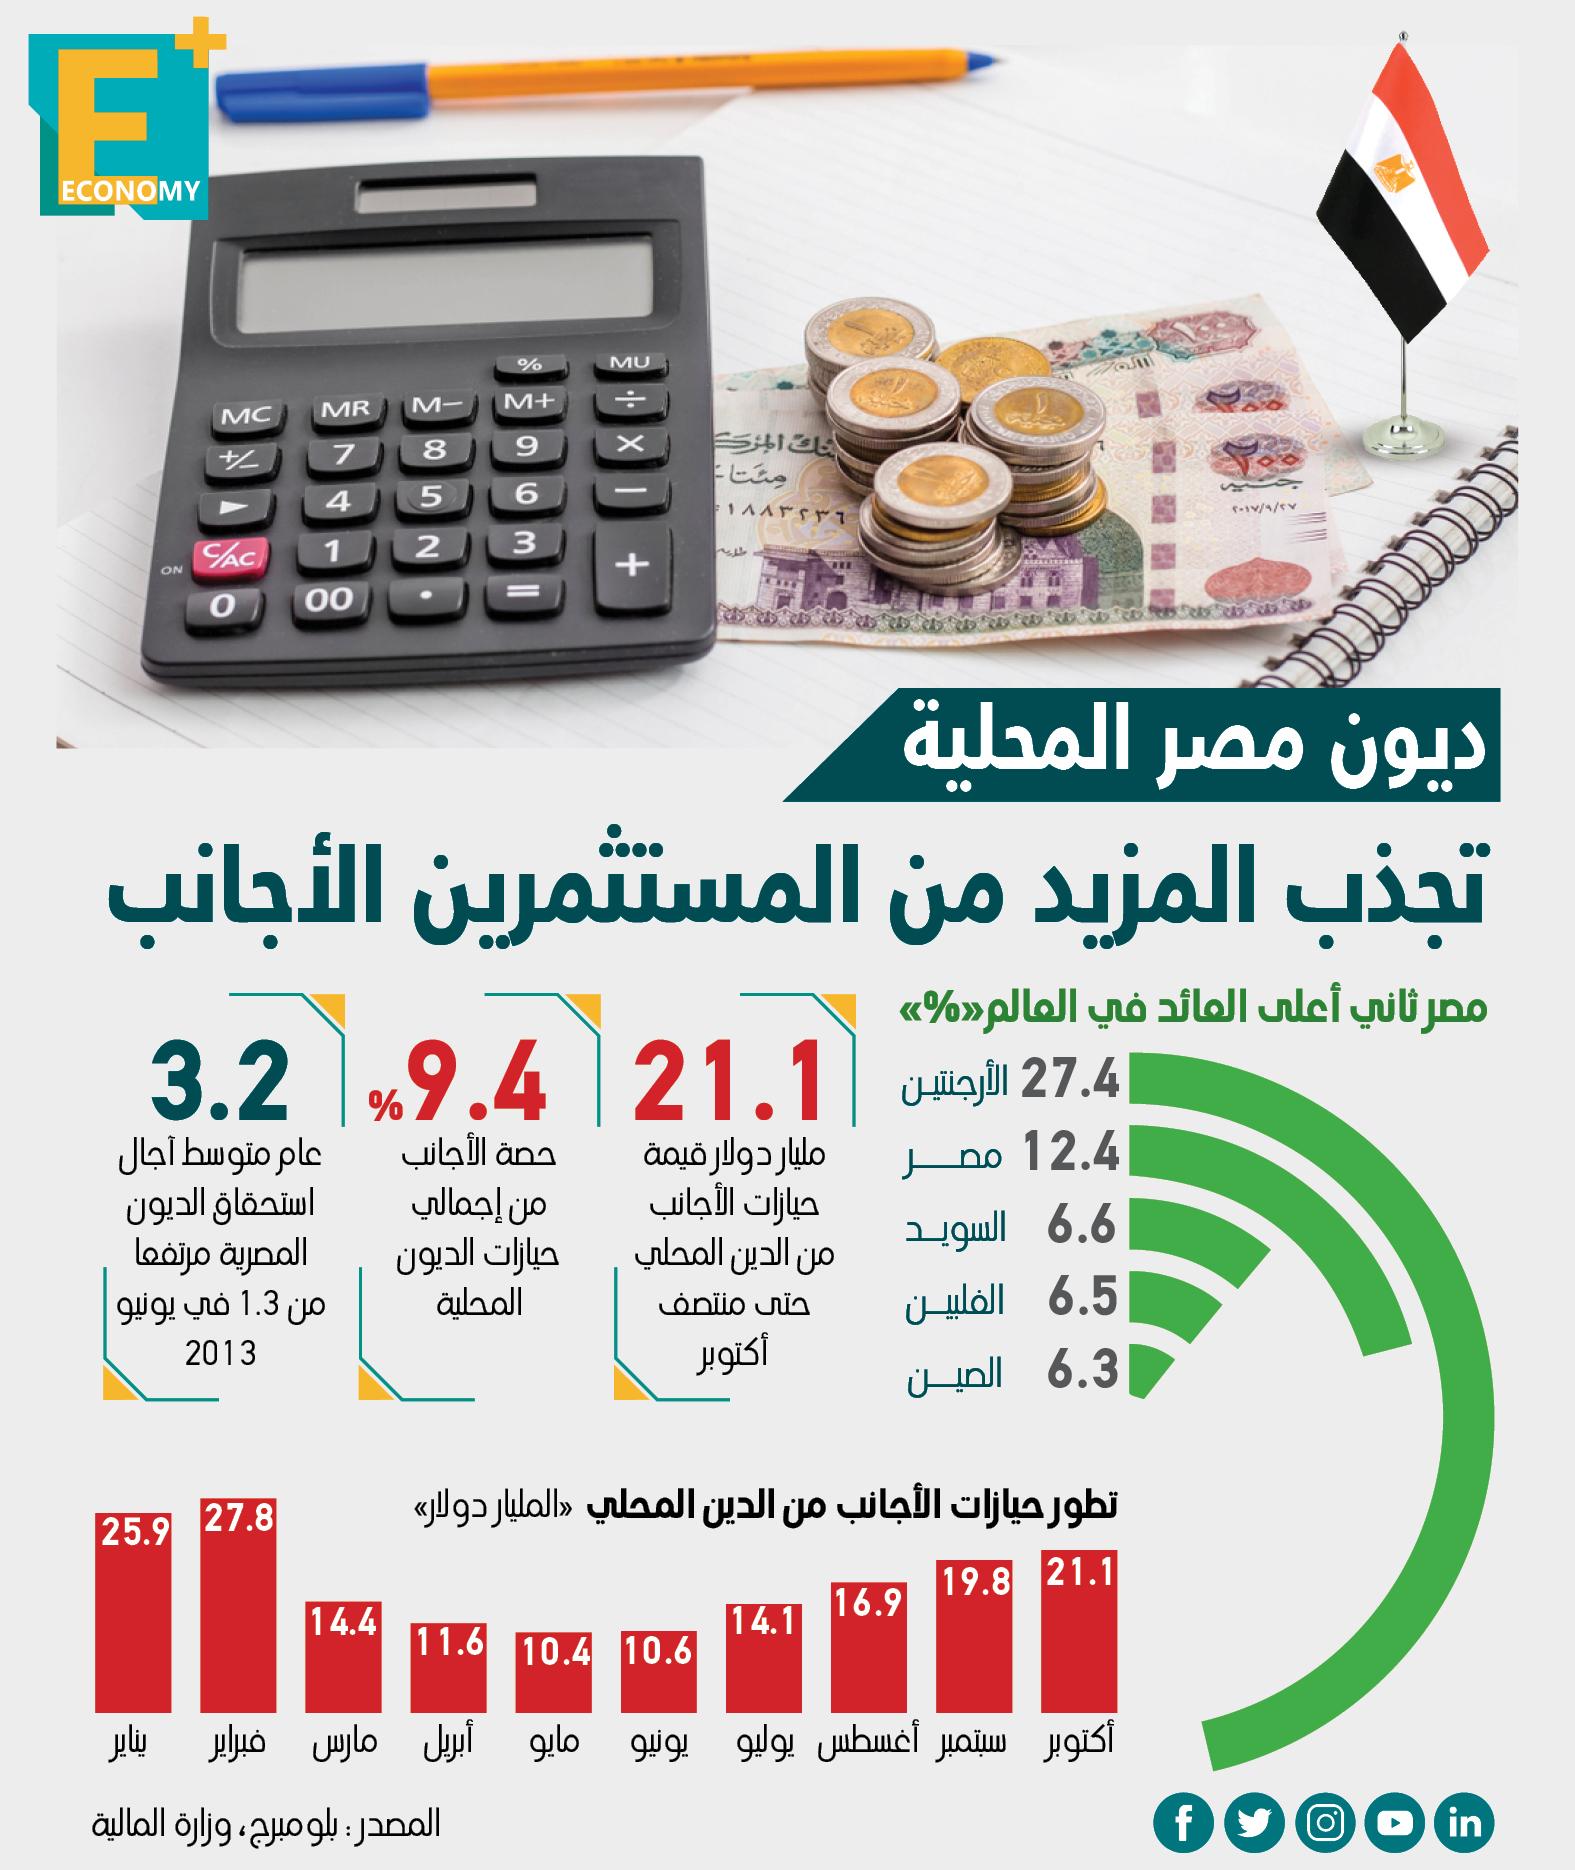 ديون مصر المحلية تجذب المزيد من المستثمرين الأجانب